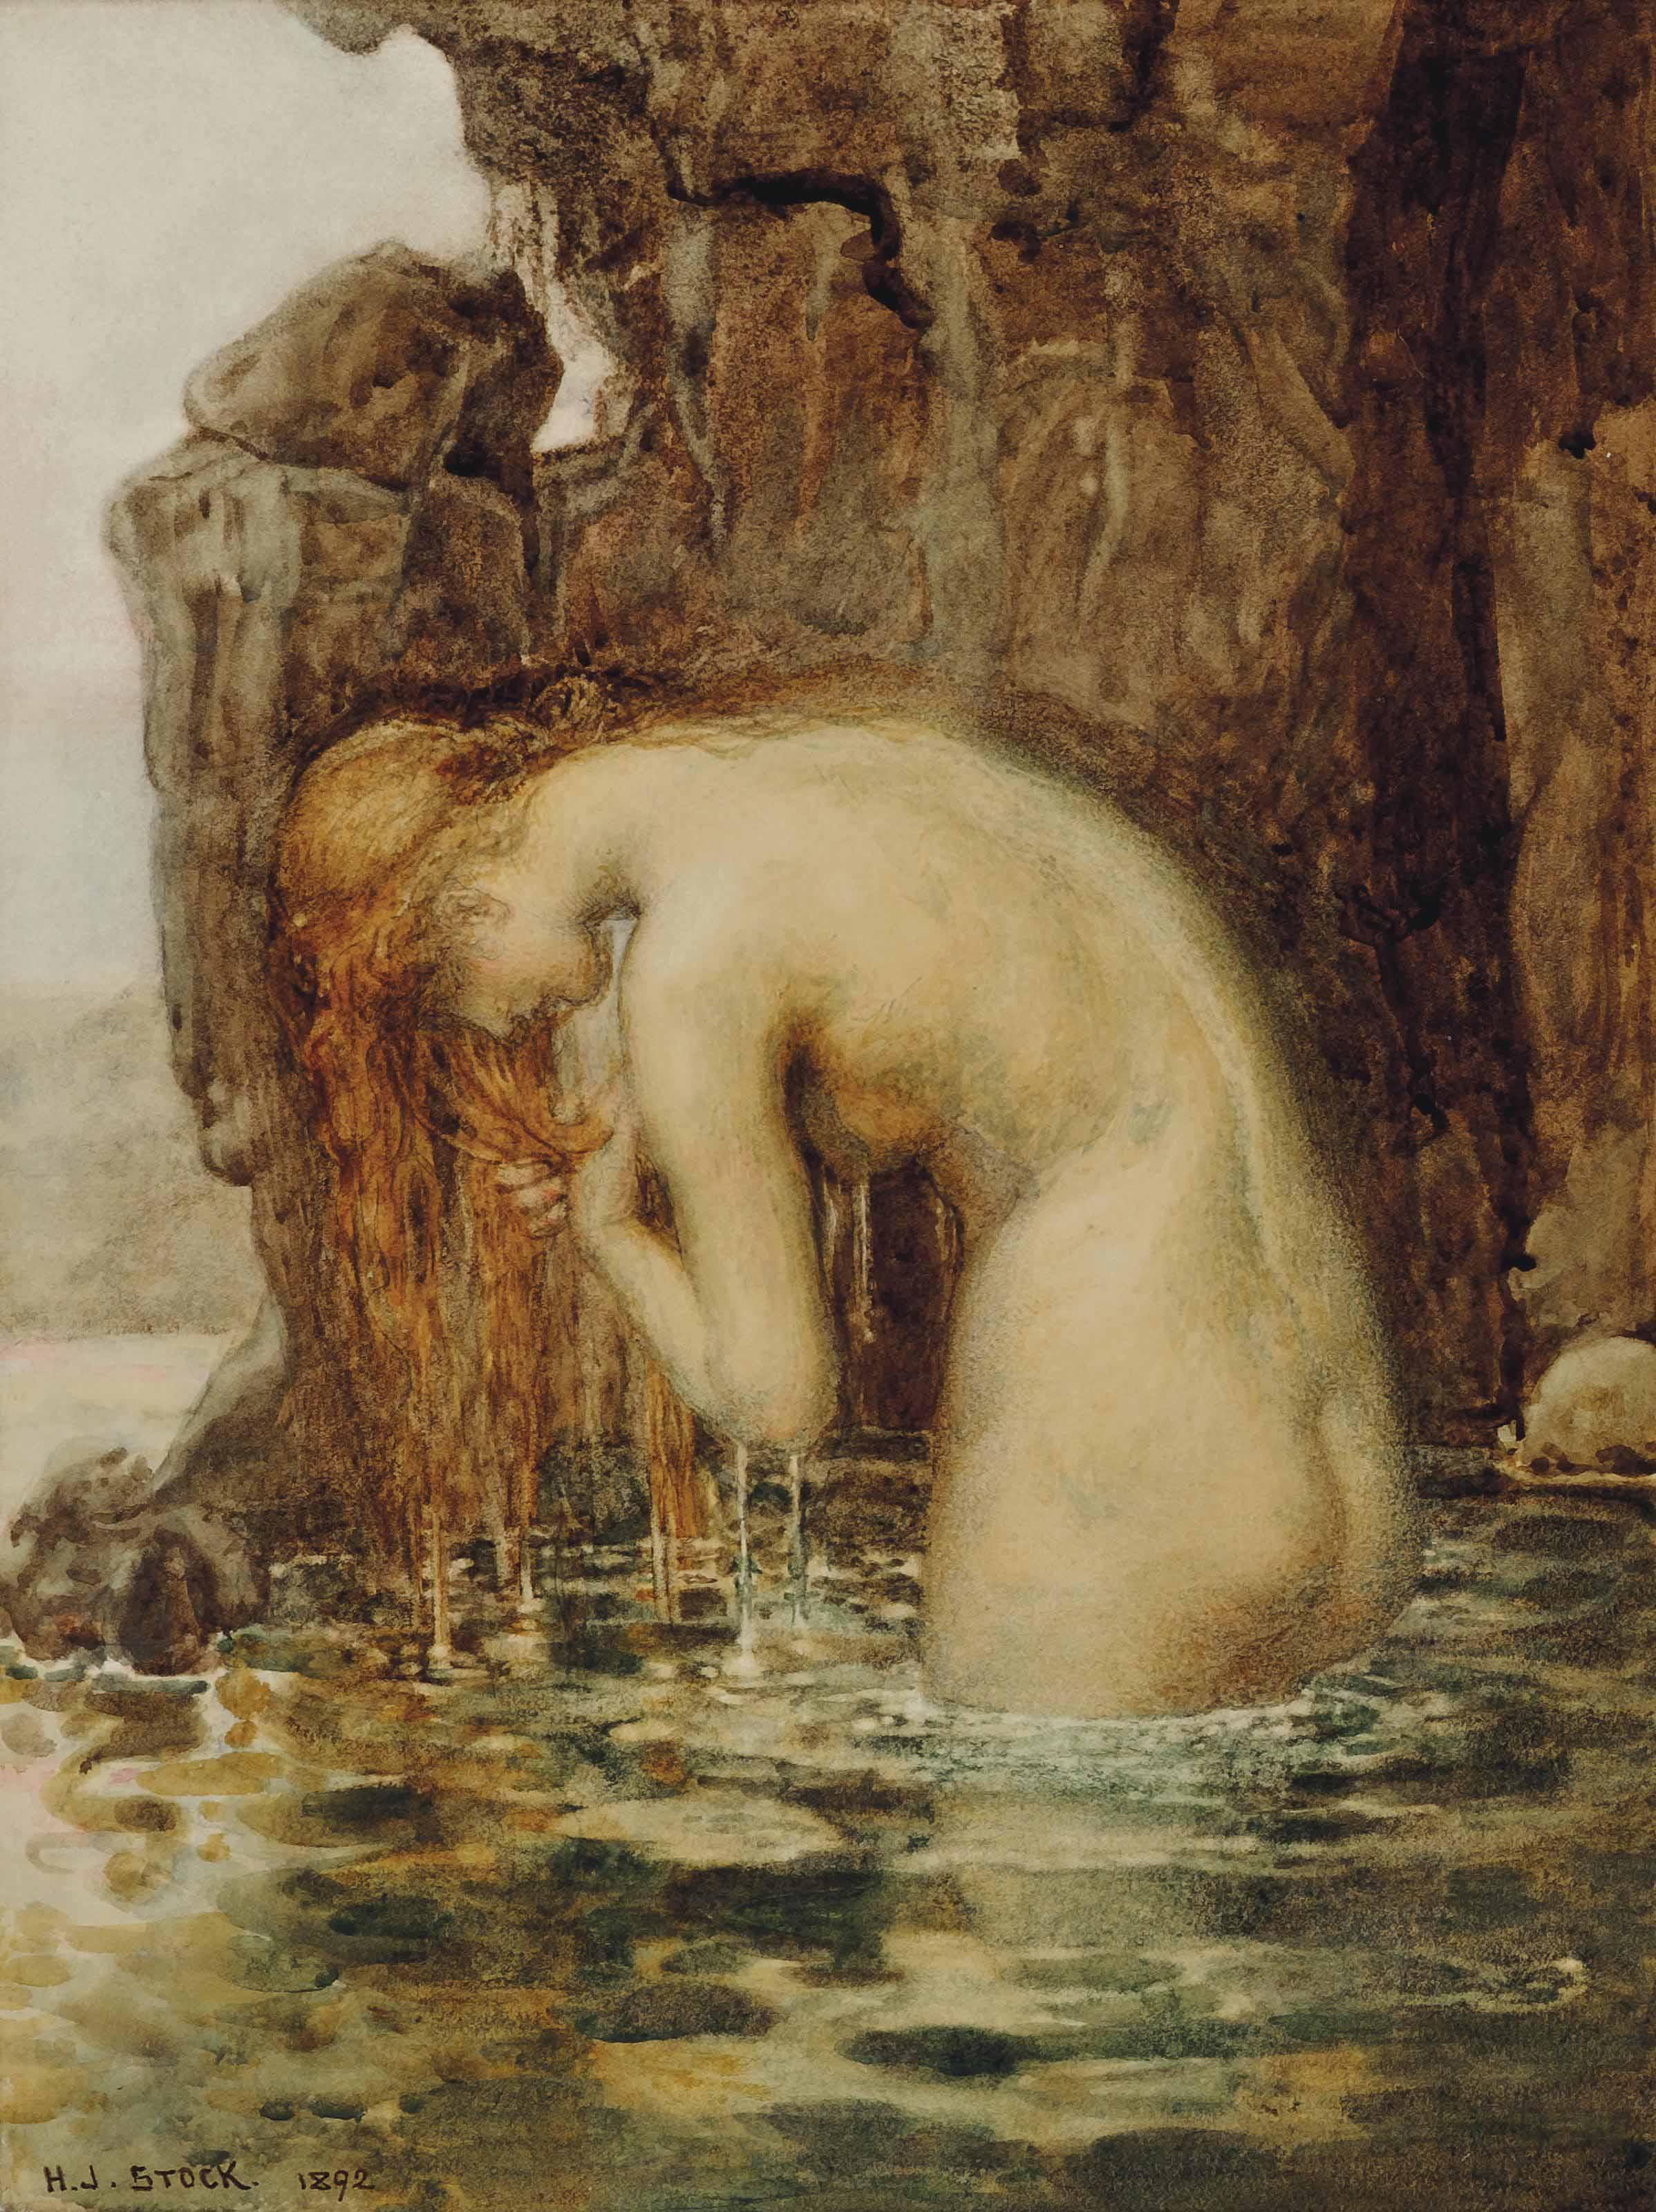 The hidden pool